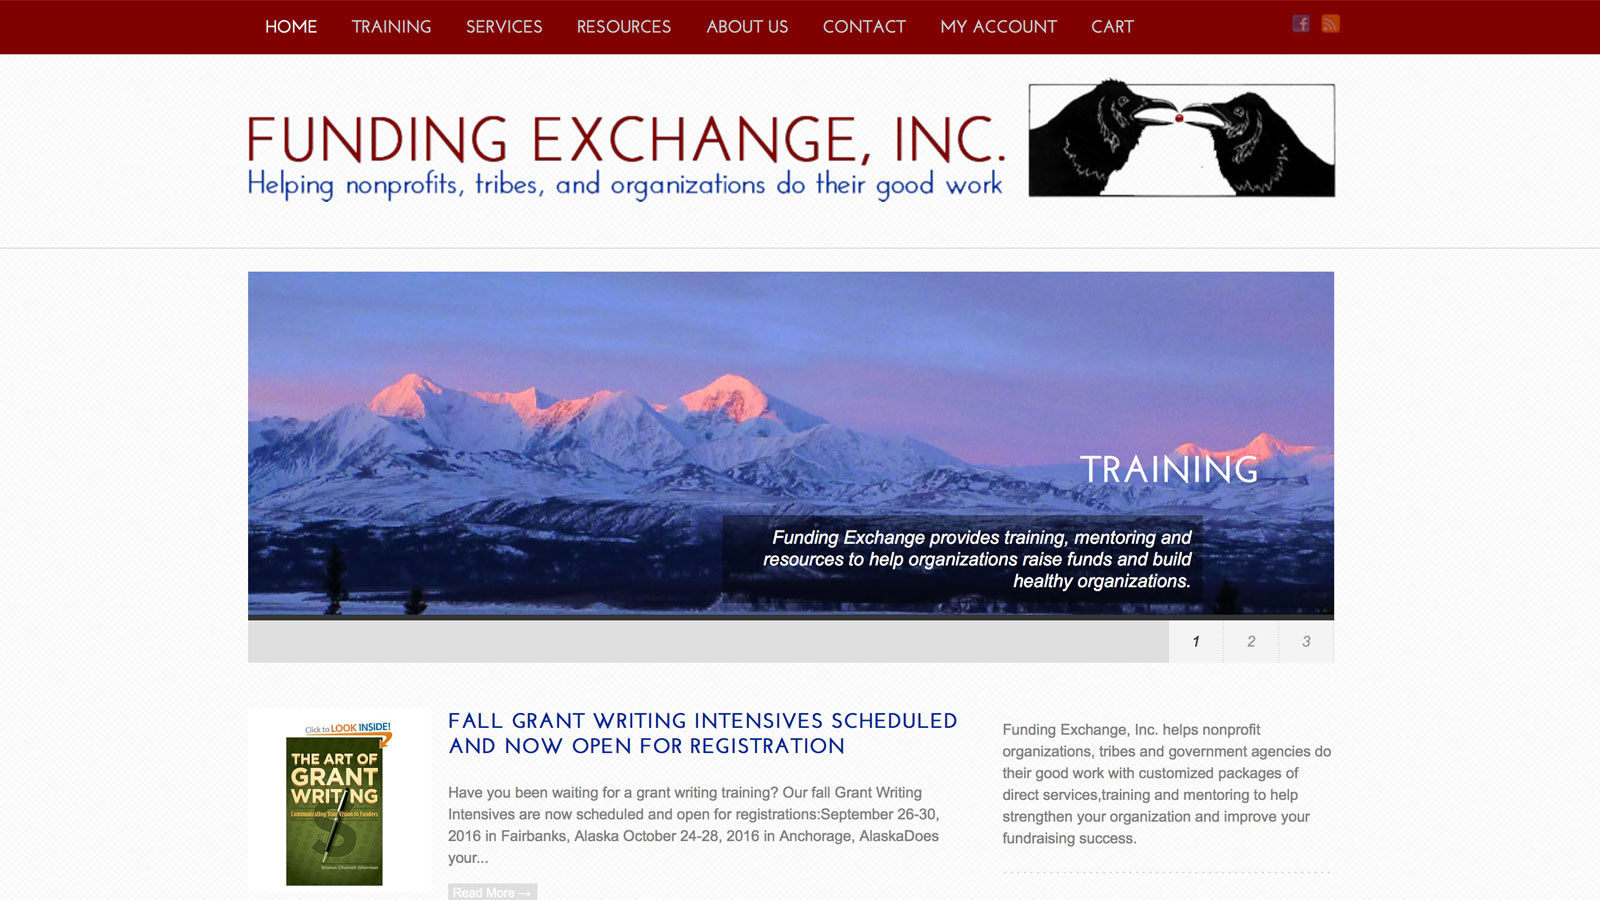 Funding Exchange